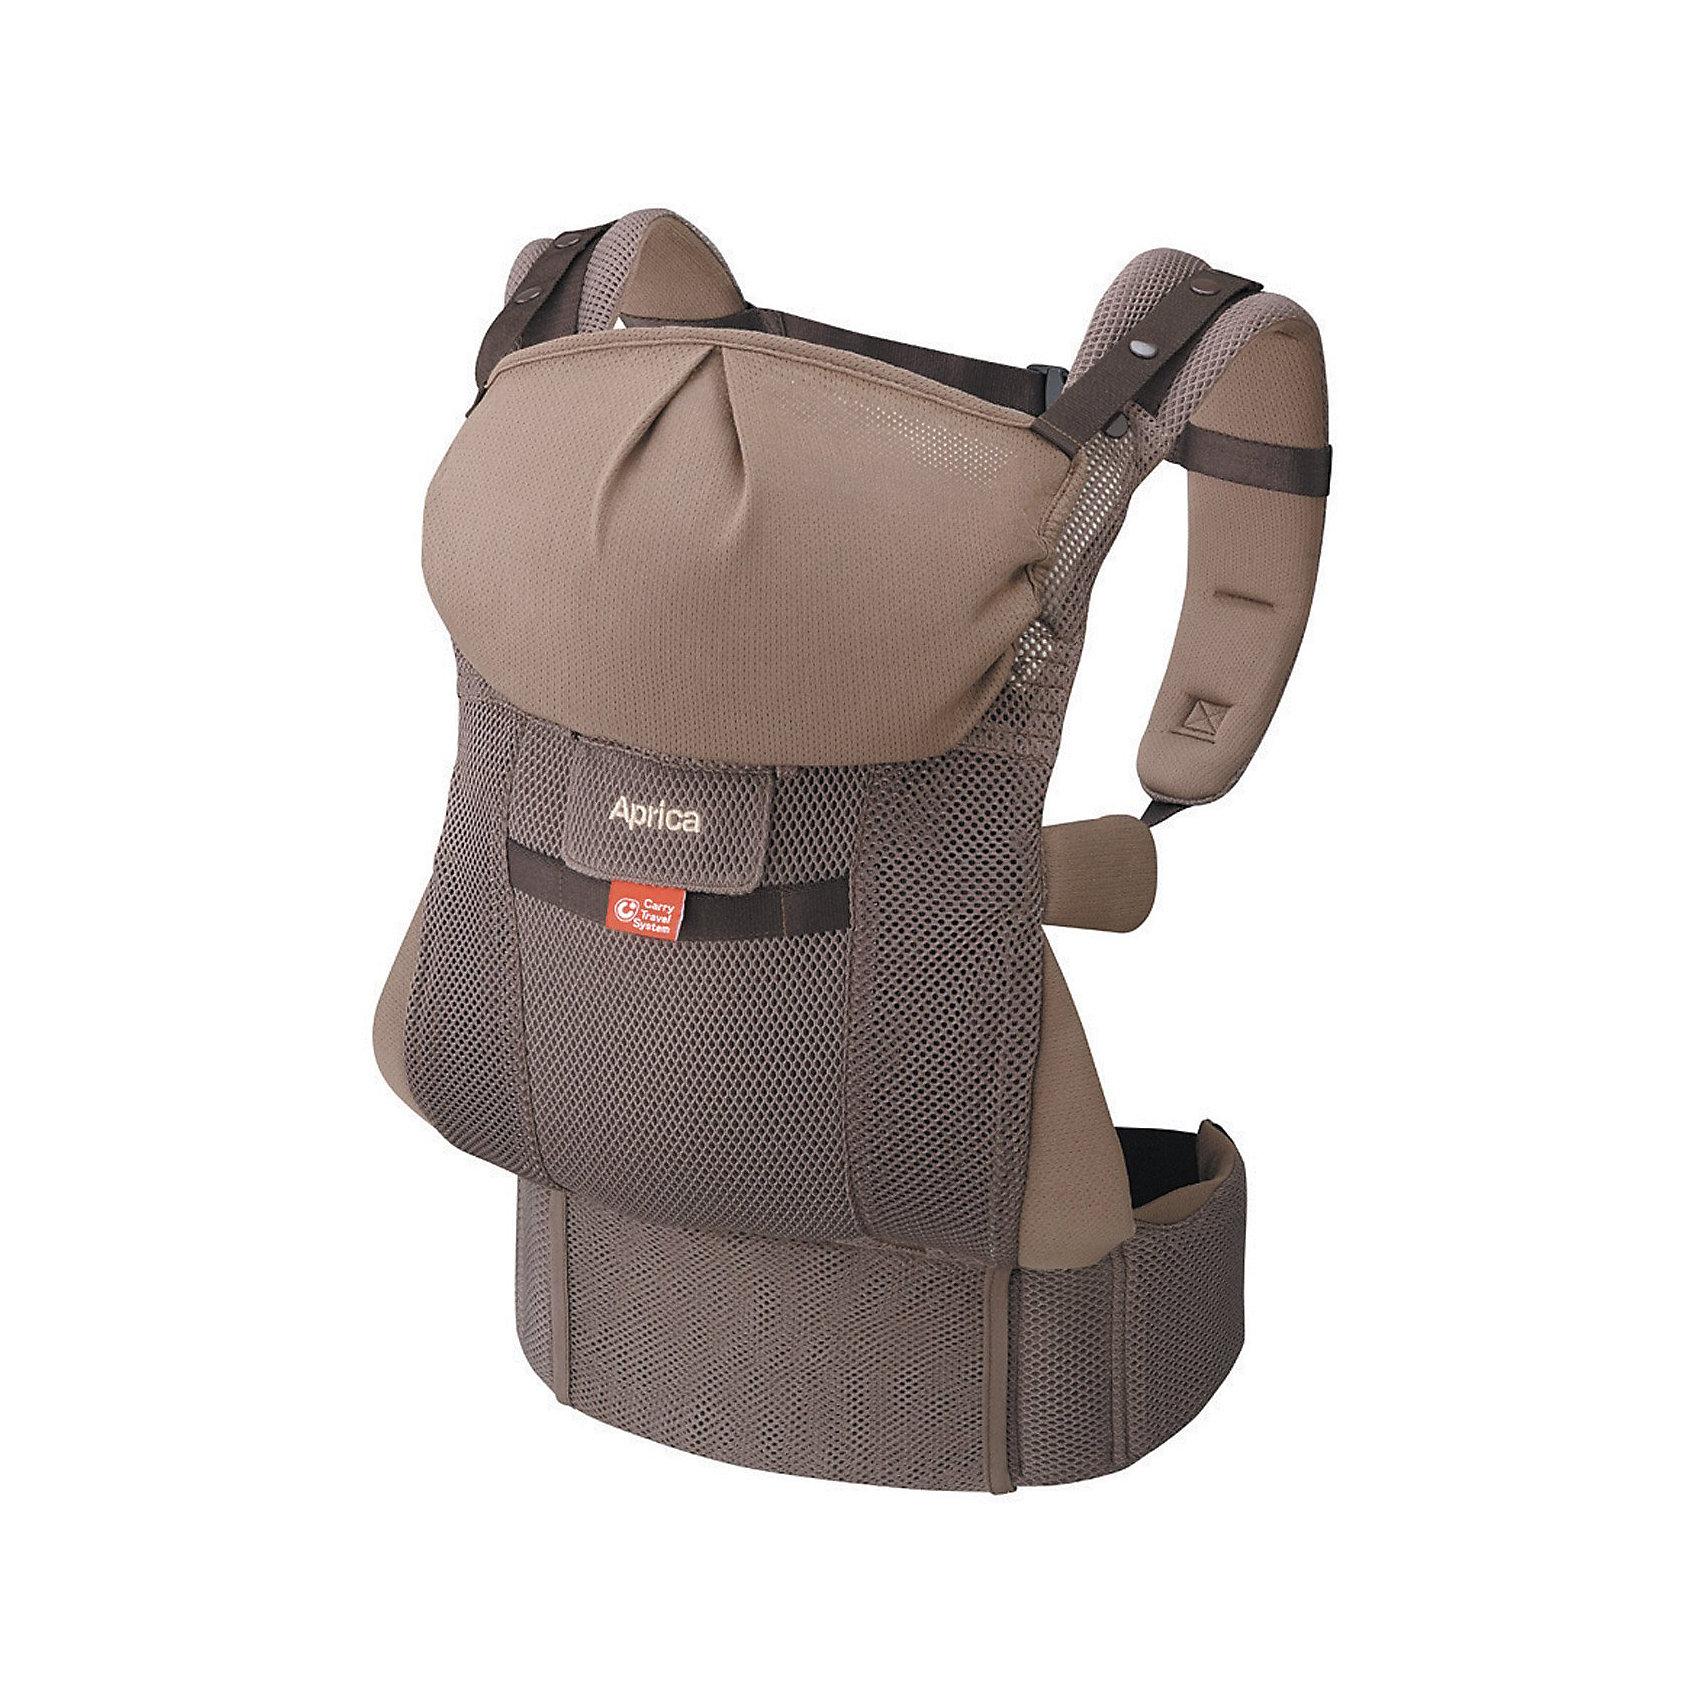 Переноска-кенгуру COLAN CTS, Aprica, коричневыйСлинги и рюкзаки-переноски<br>Характеристики:<br><br>• поддержка шеи и головы;<br>• анатомически правильное разведение бедер;<br>• накладки-слюнявчики защищают ремни;<br>• переноска оснащена широкими плечевыми и поясными ремнями;<br>• длина поясного ремня регулируется: 74-118 см.<br><br>Переноска помогает уменьшить нагрузку на руки родителей, когда малыш находится в переноске, нагрузка равномерно распределяется. Малыша в переноске можно уложить в коляску, чтобы при необходимости быстро взять его на руки и успокоить. <br><br>Переноску-кенгуру COLAN CTS, Aprica, цвет коричневый можно купить в нашем интернет-магазине.<br><br>Ширина мм: 140<br>Глубина мм: 170<br>Высота мм: 290<br>Вес г: 5600<br>Возраст от месяцев: 0<br>Возраст до месяцев: 36<br>Пол: Унисекс<br>Возраст: Детский<br>SKU: 5451729